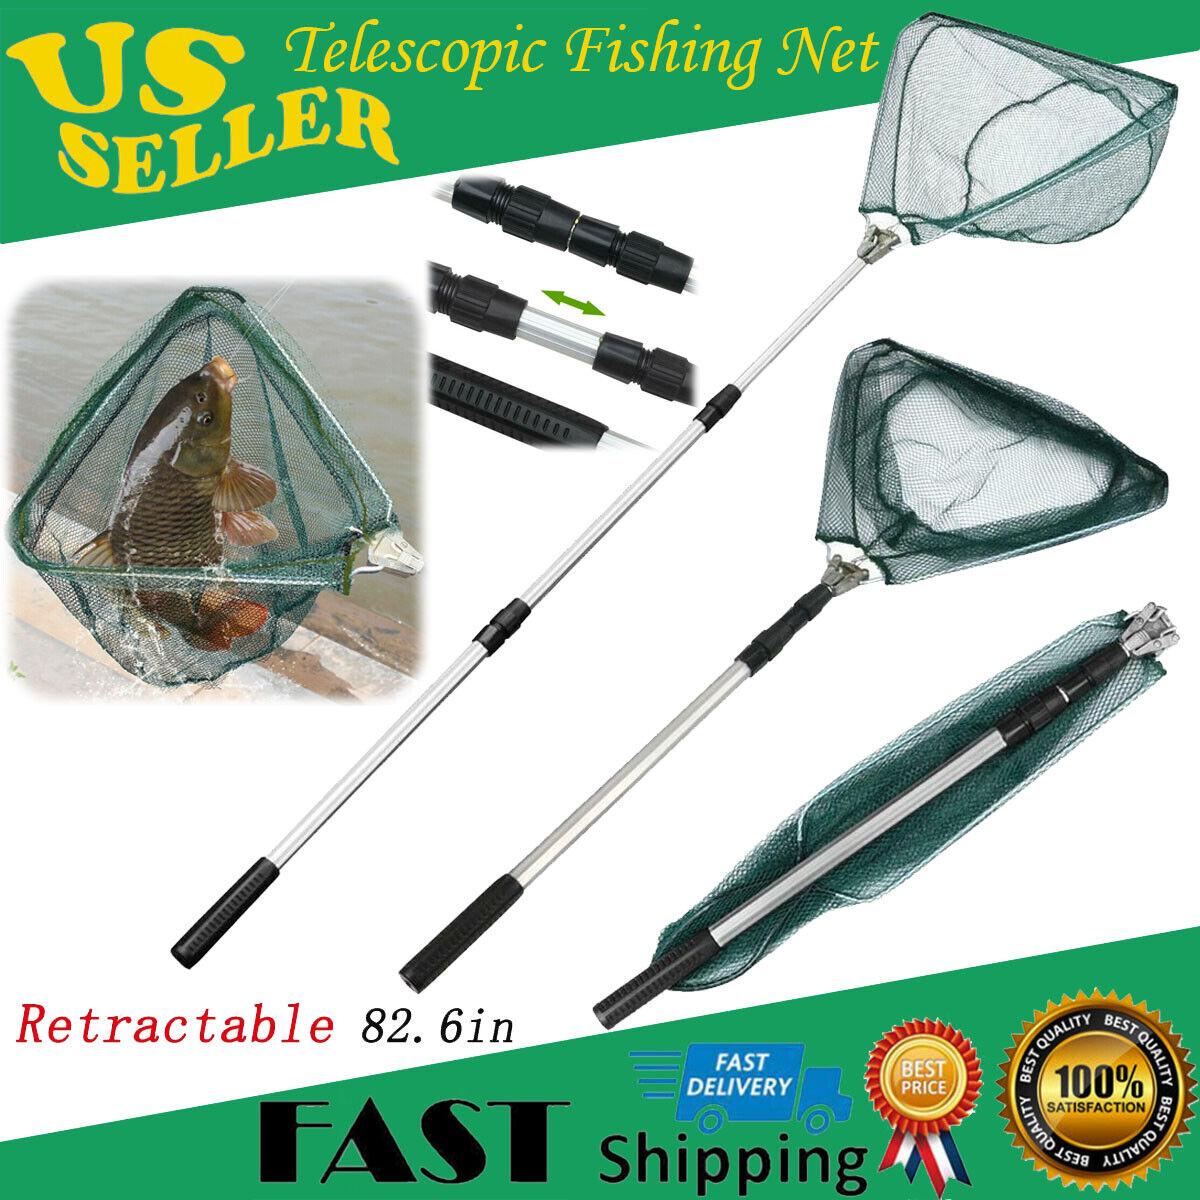 Extending Foldable Pole Handle Net R3S0 NEW 2-in-1 Fishing Folding Landing Net